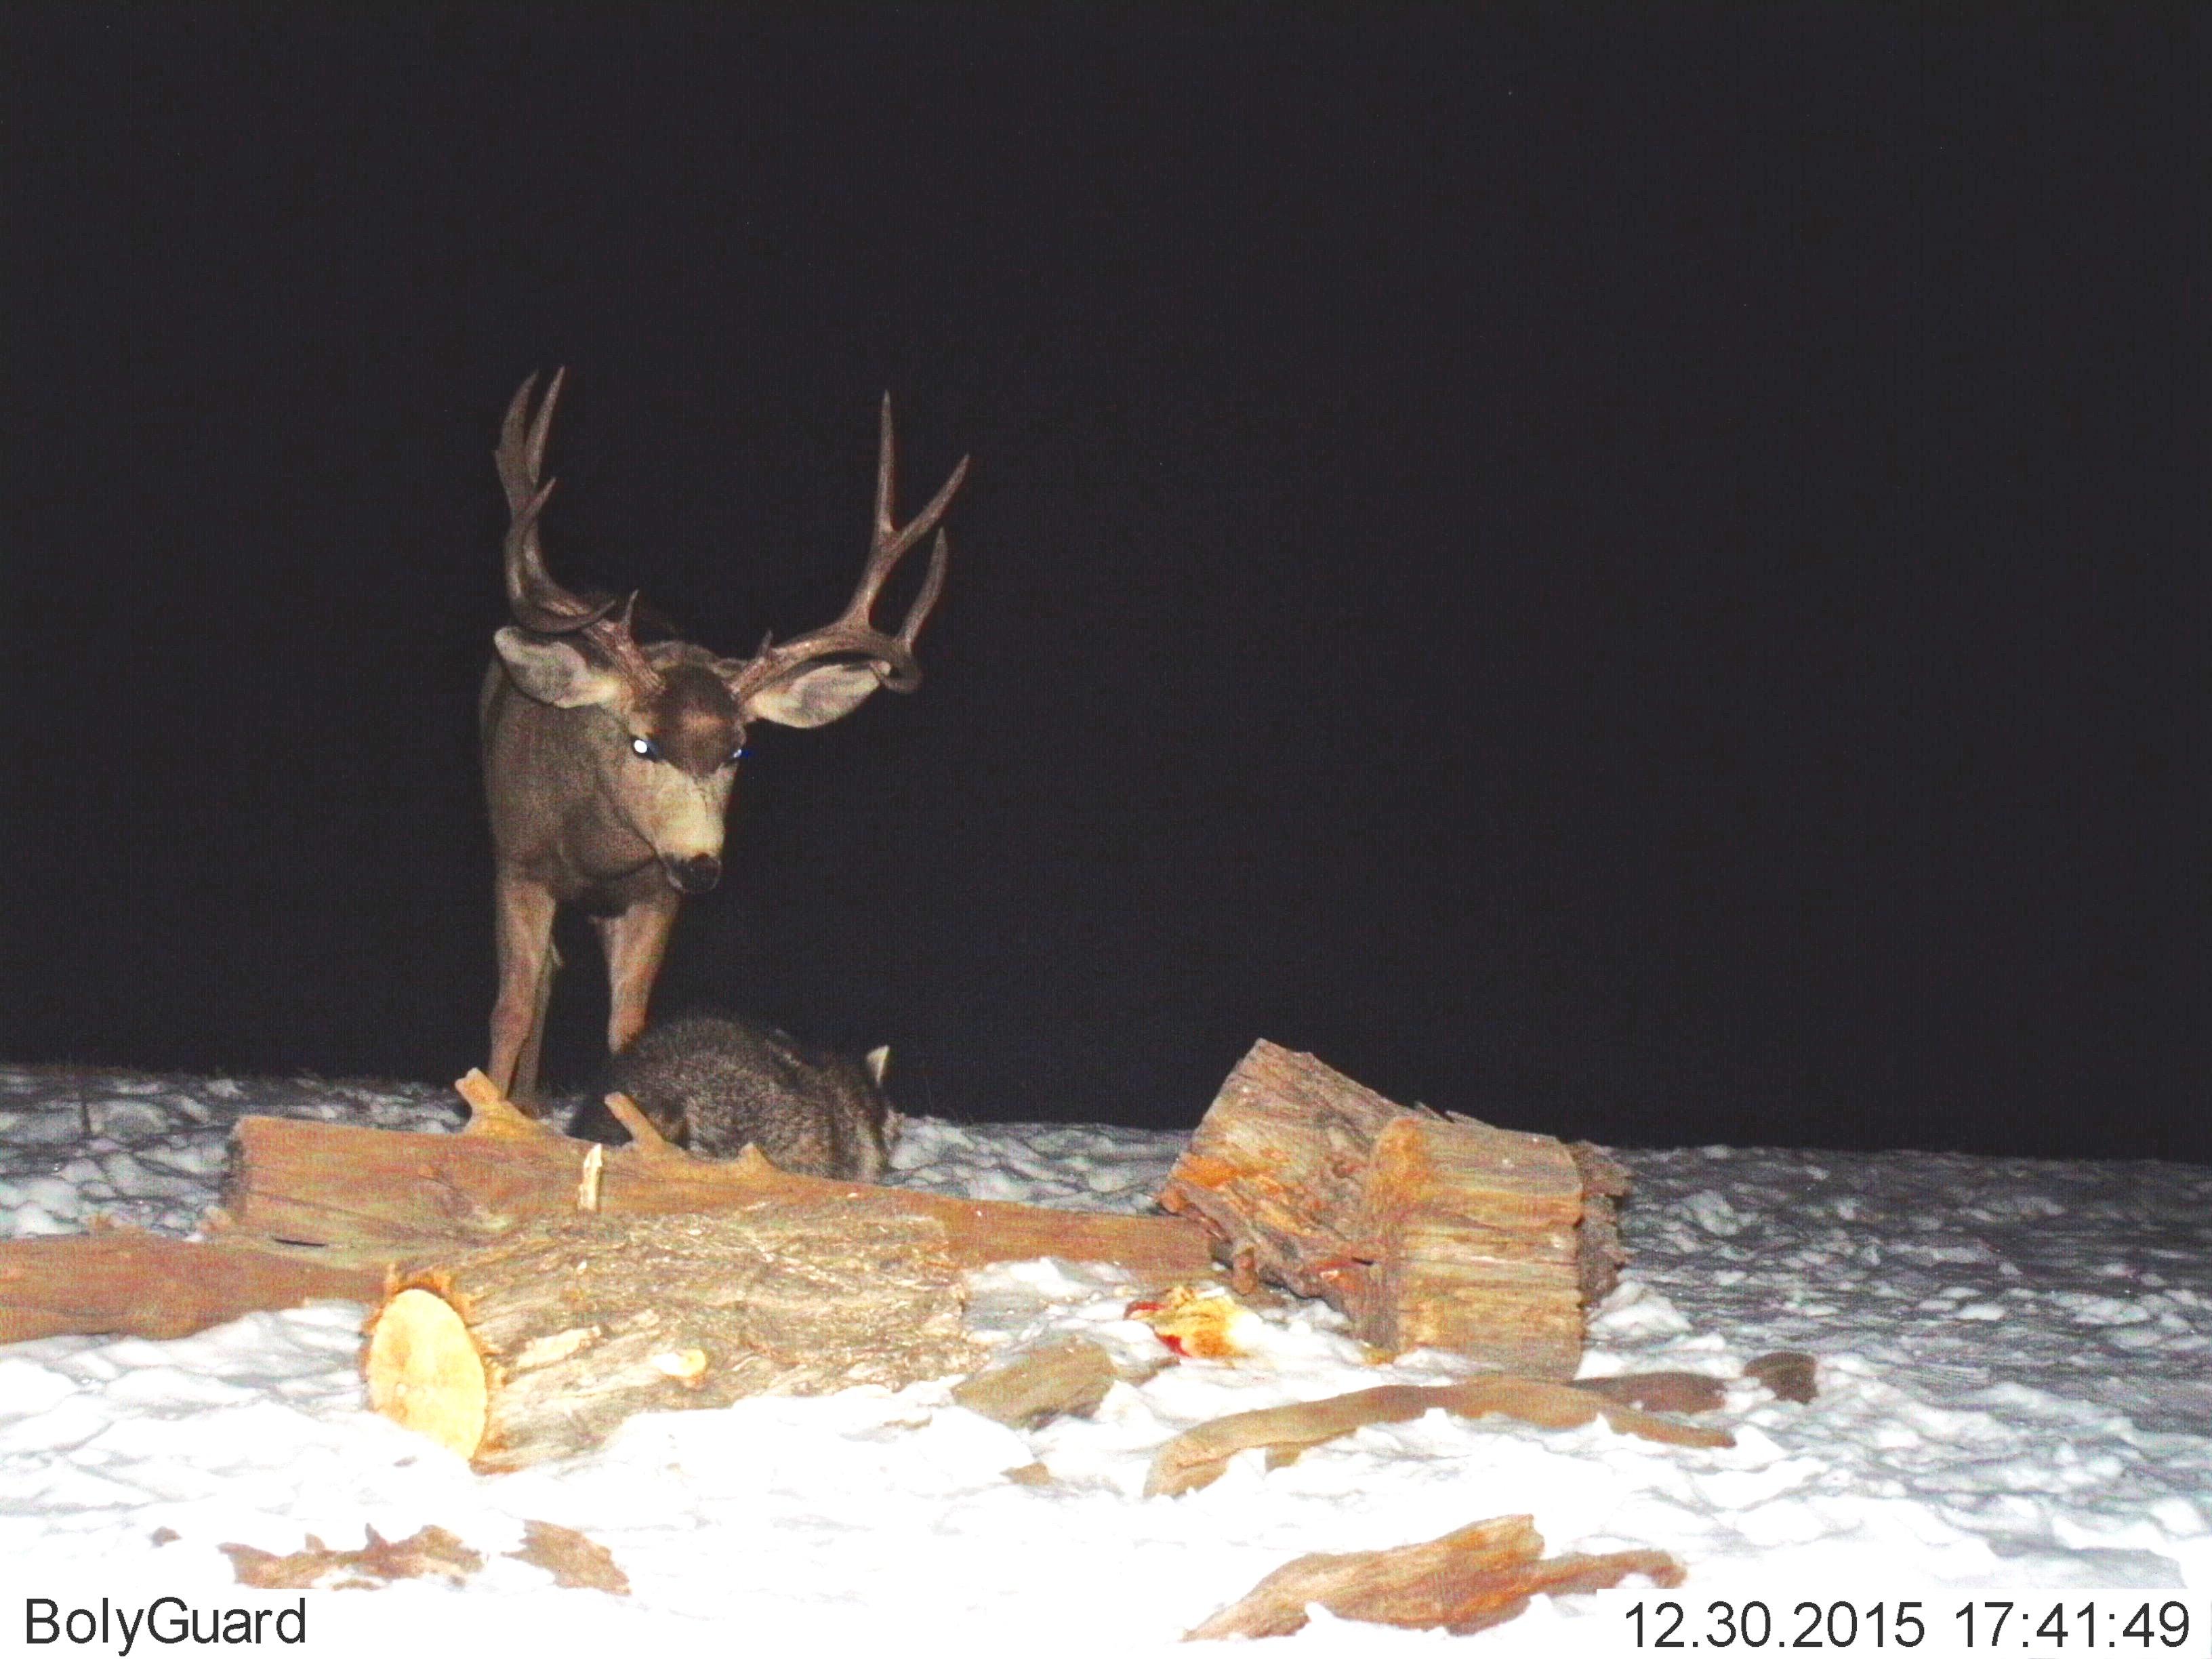 Mule Deer confronts Raccoon